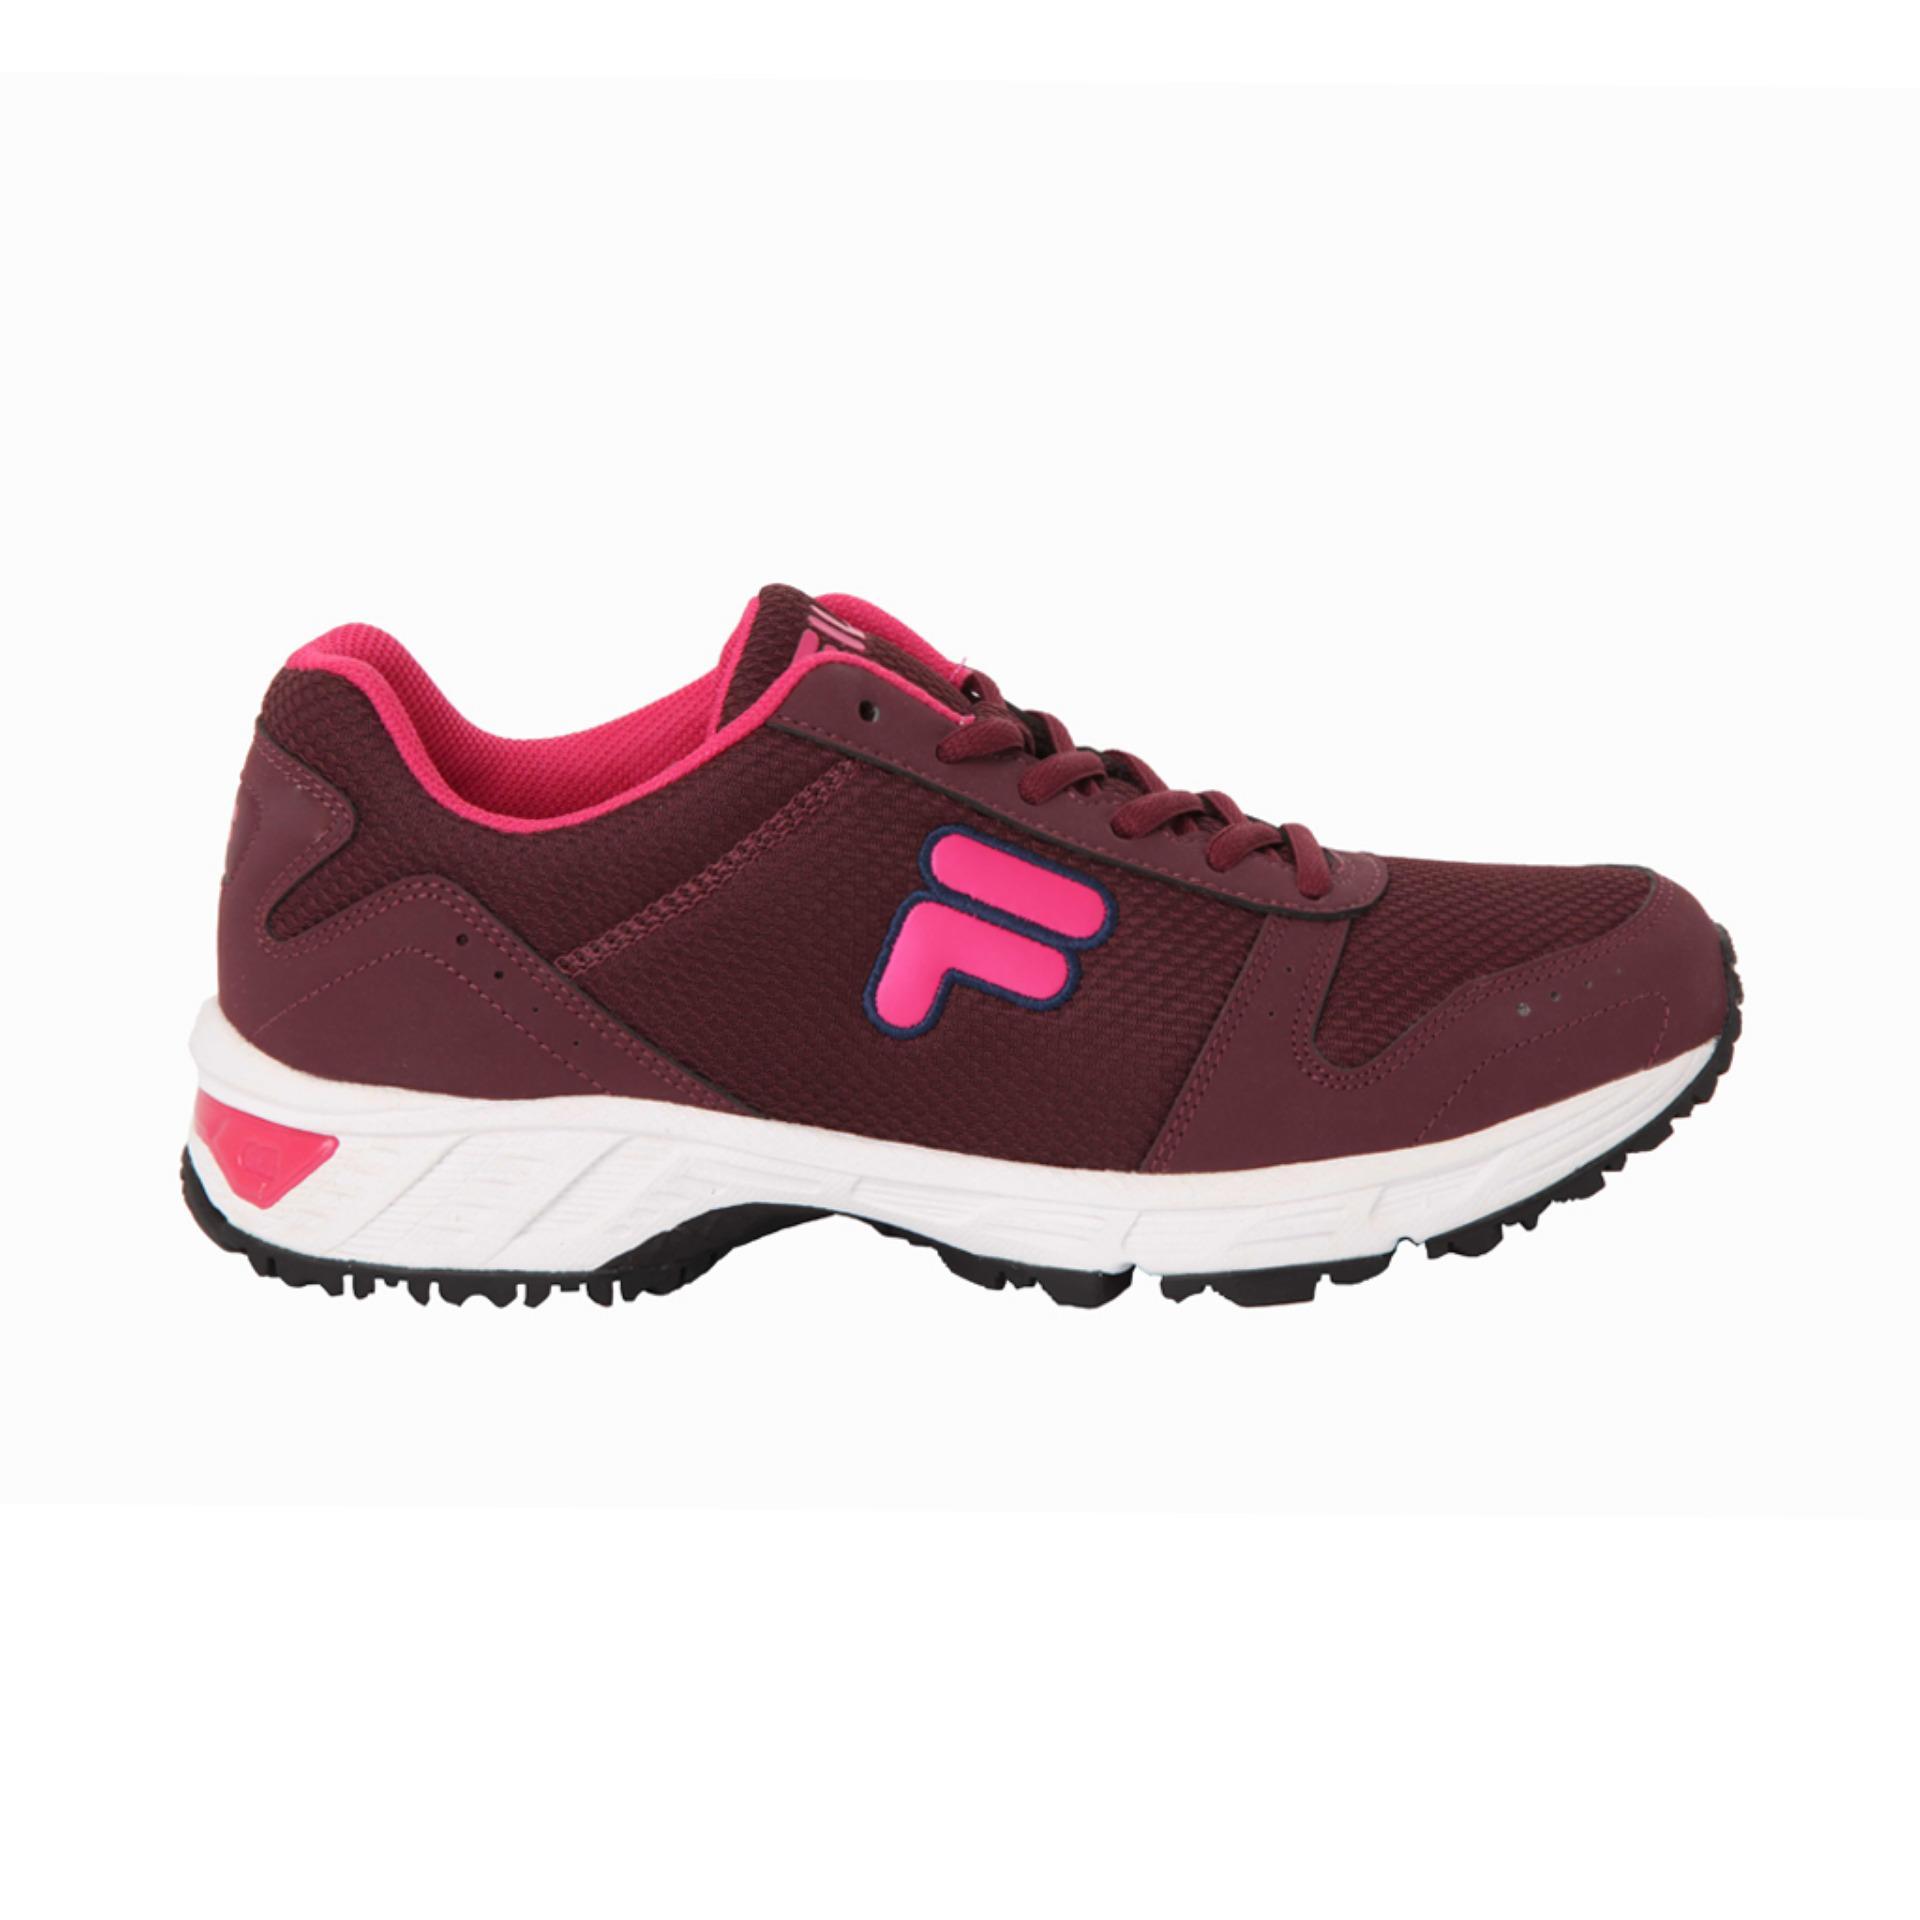 Fila Sepatu Lari Olahraga Intric